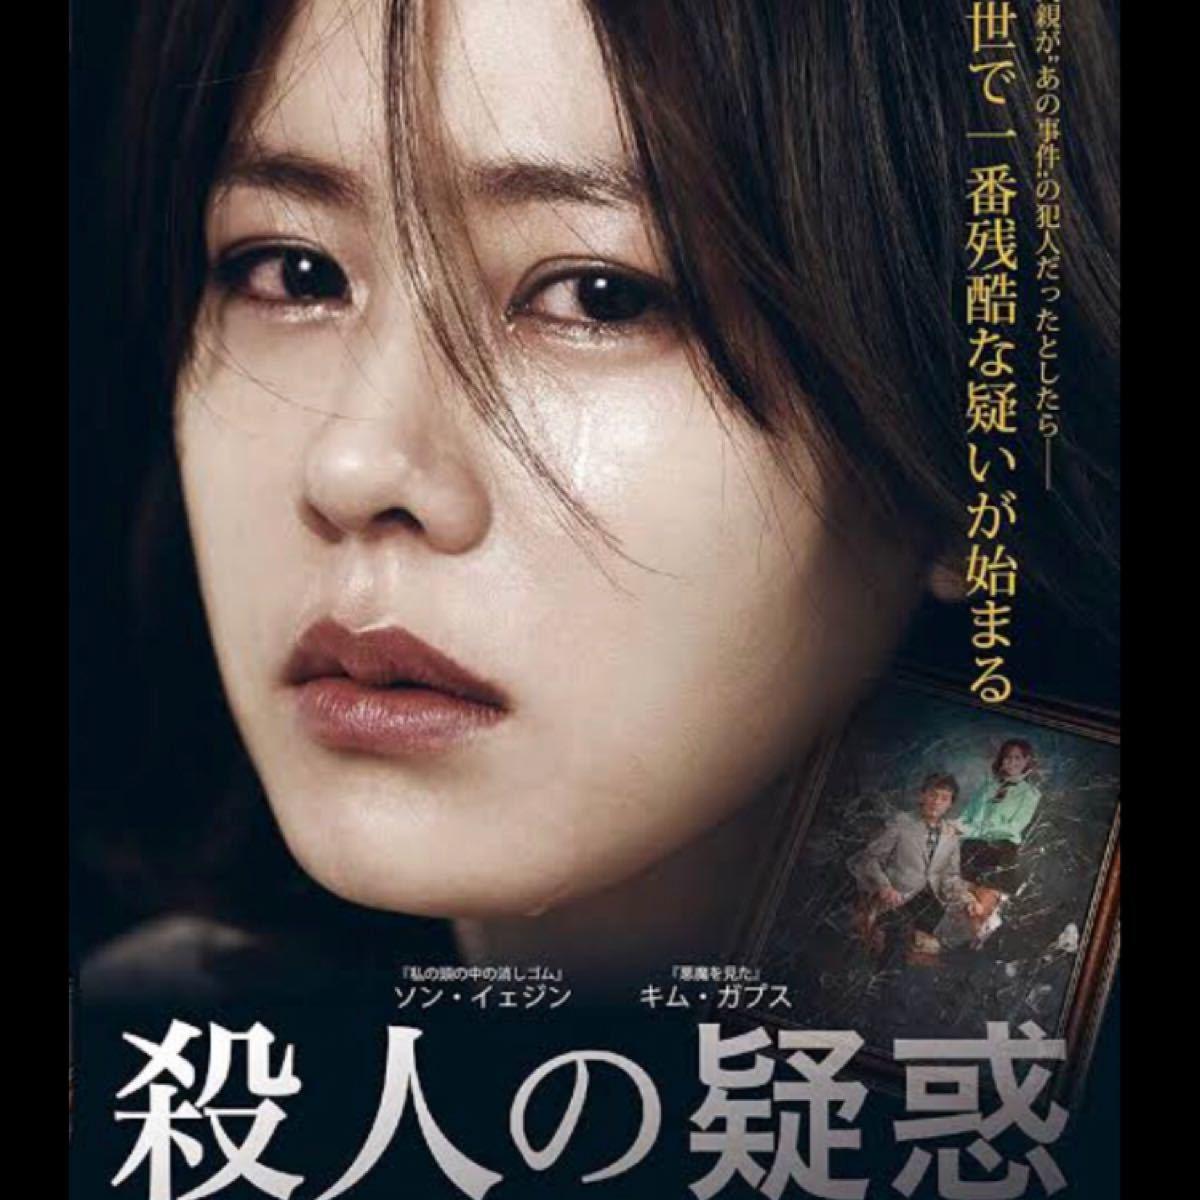 韓国映画  殺人の疑惑  ソン・イェジン  キム・ガプス  DVD  レーベル有り